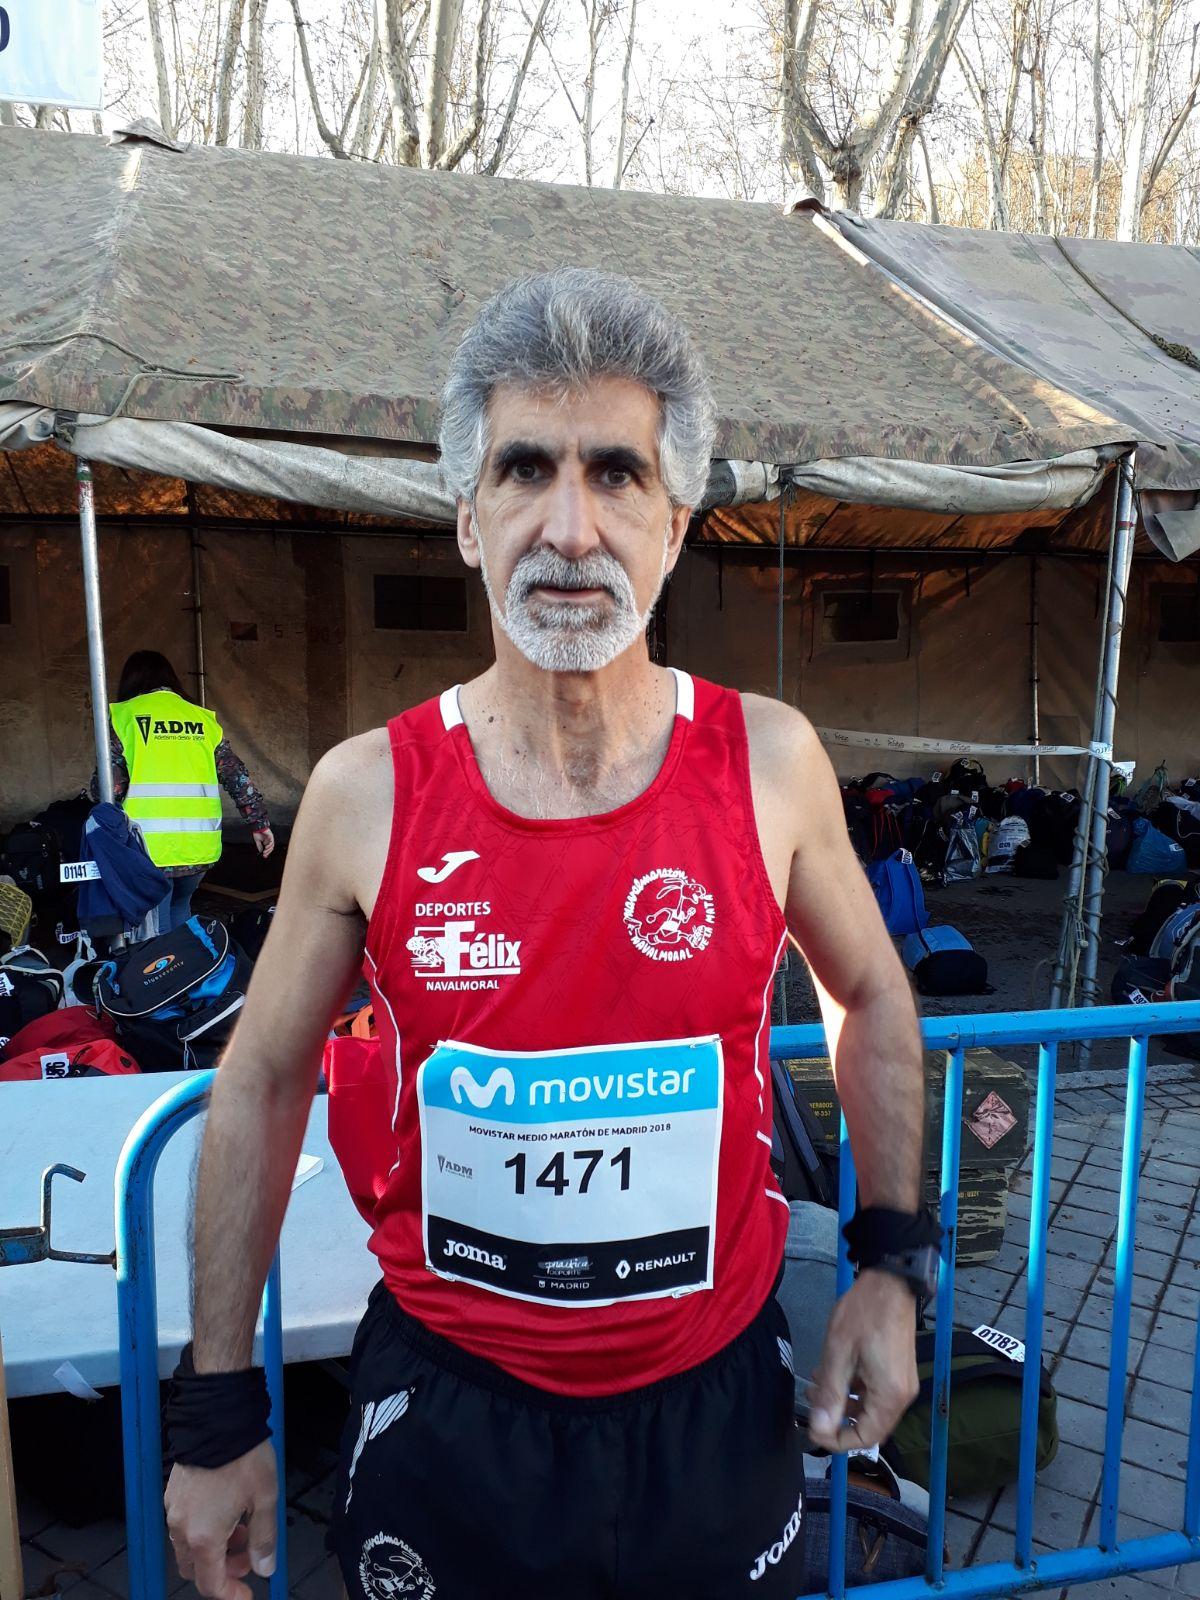 Navalmaratón en la XII Media Maratón Cáceres Patrimonio de la Humanidad y en el Movistar Media Maratón de Madrid